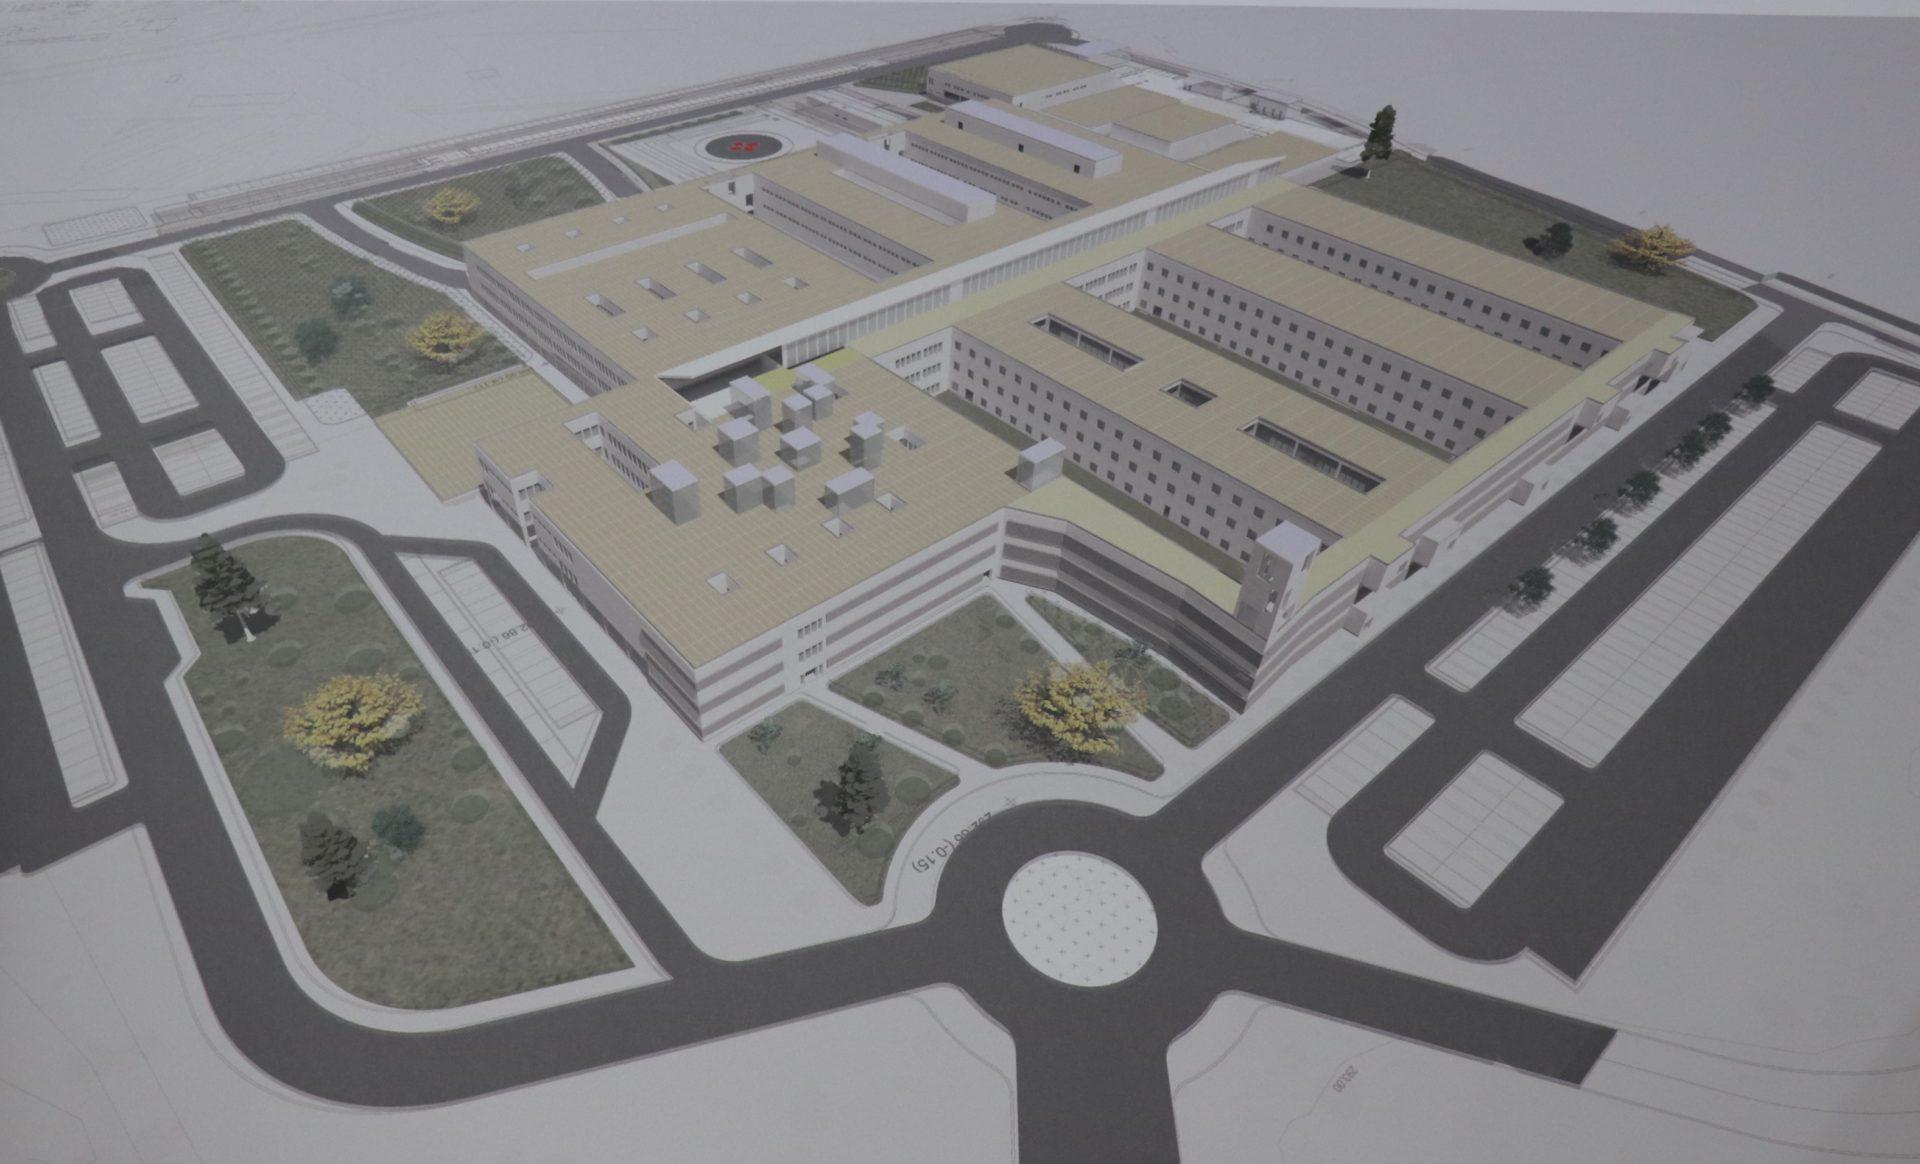 Este jueves 22, se firma el acta de replanteo de las obras del nuevo hospital Don Benito-Villanueva